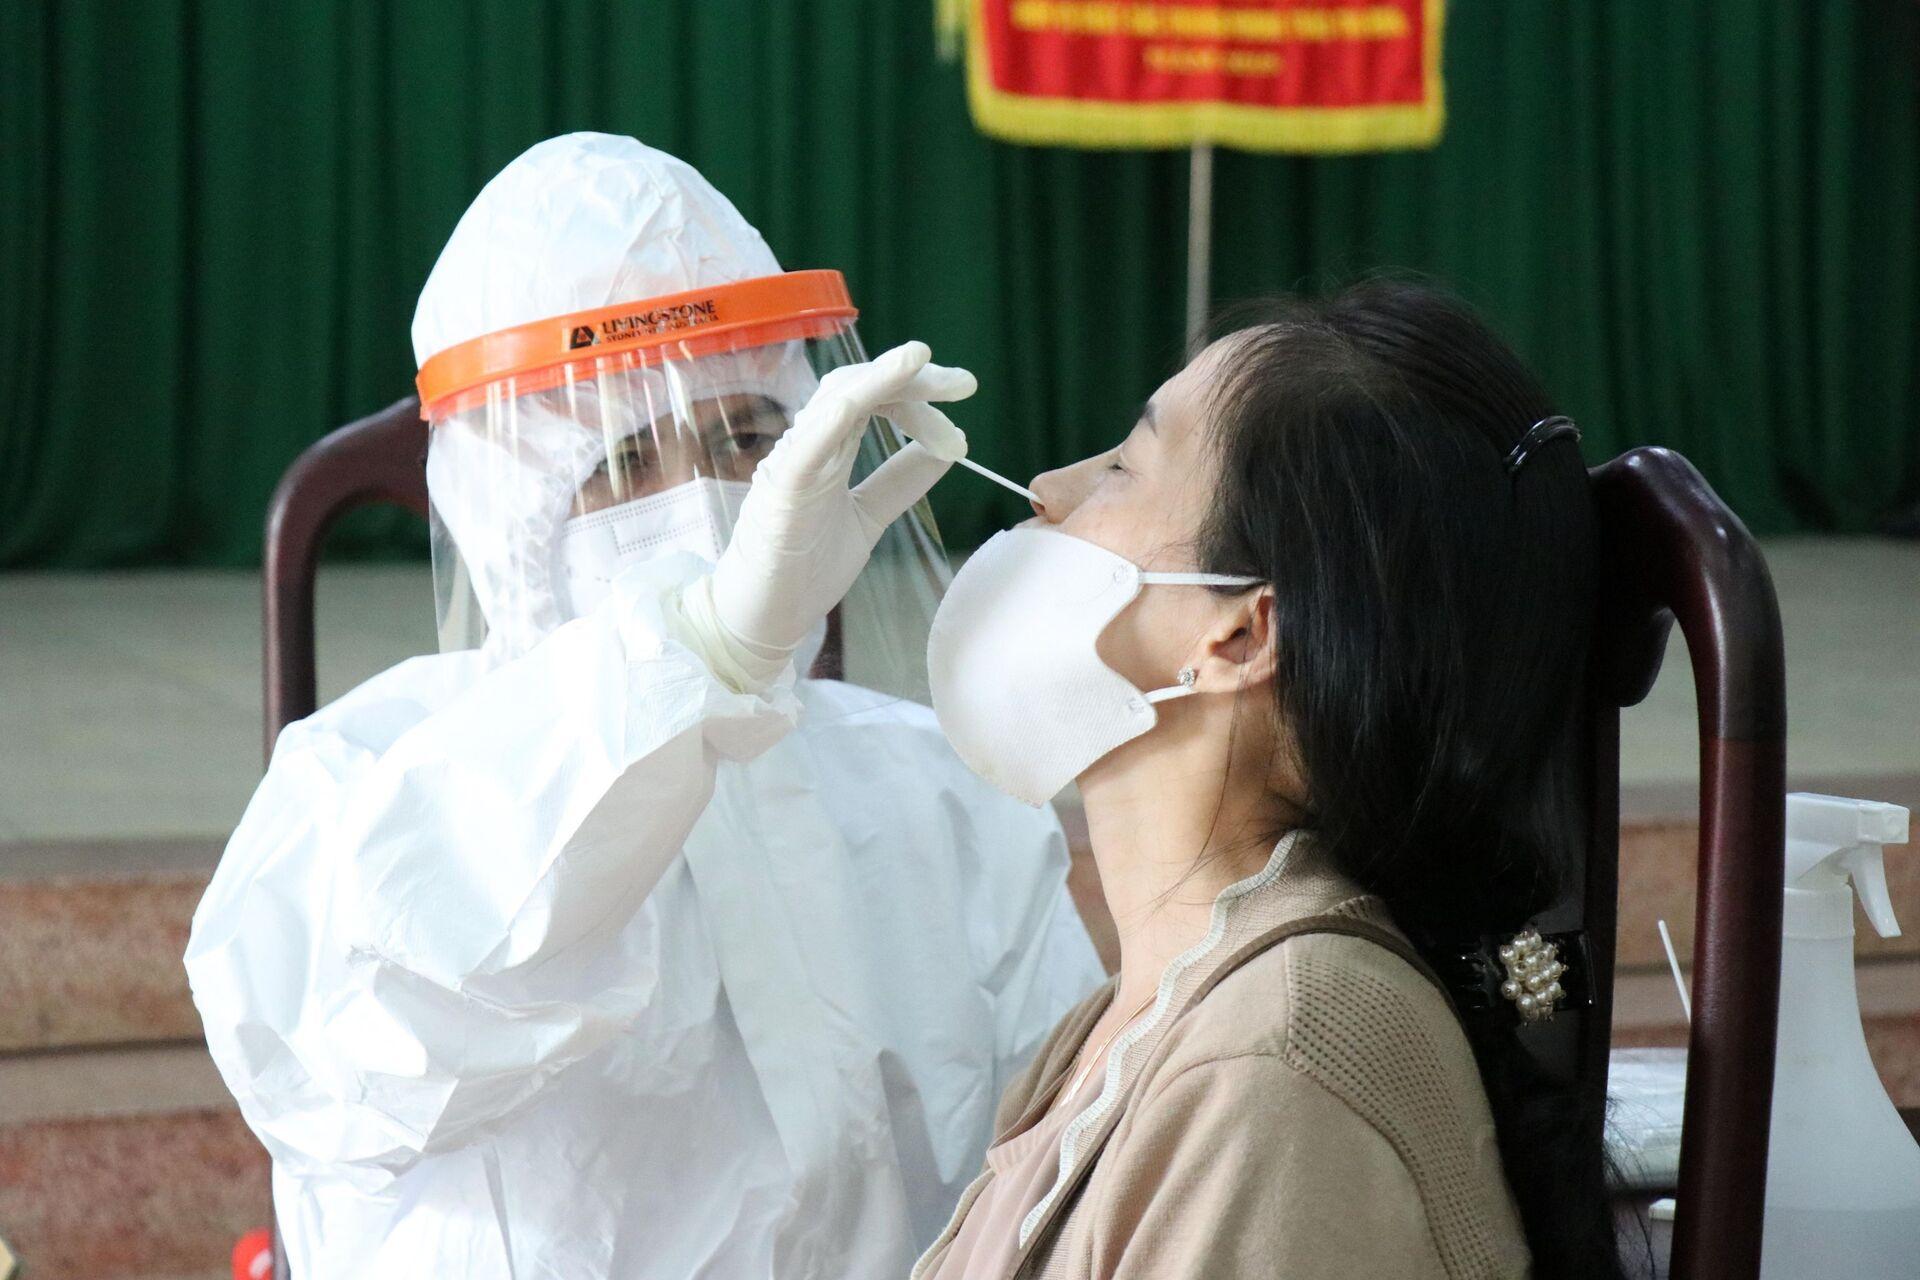 Việt Nam đang xem xét cấp phép khẩn cấp vaccine Nanocovax của Nanogen - Sputnik Việt Nam, 1920, 22.07.2021